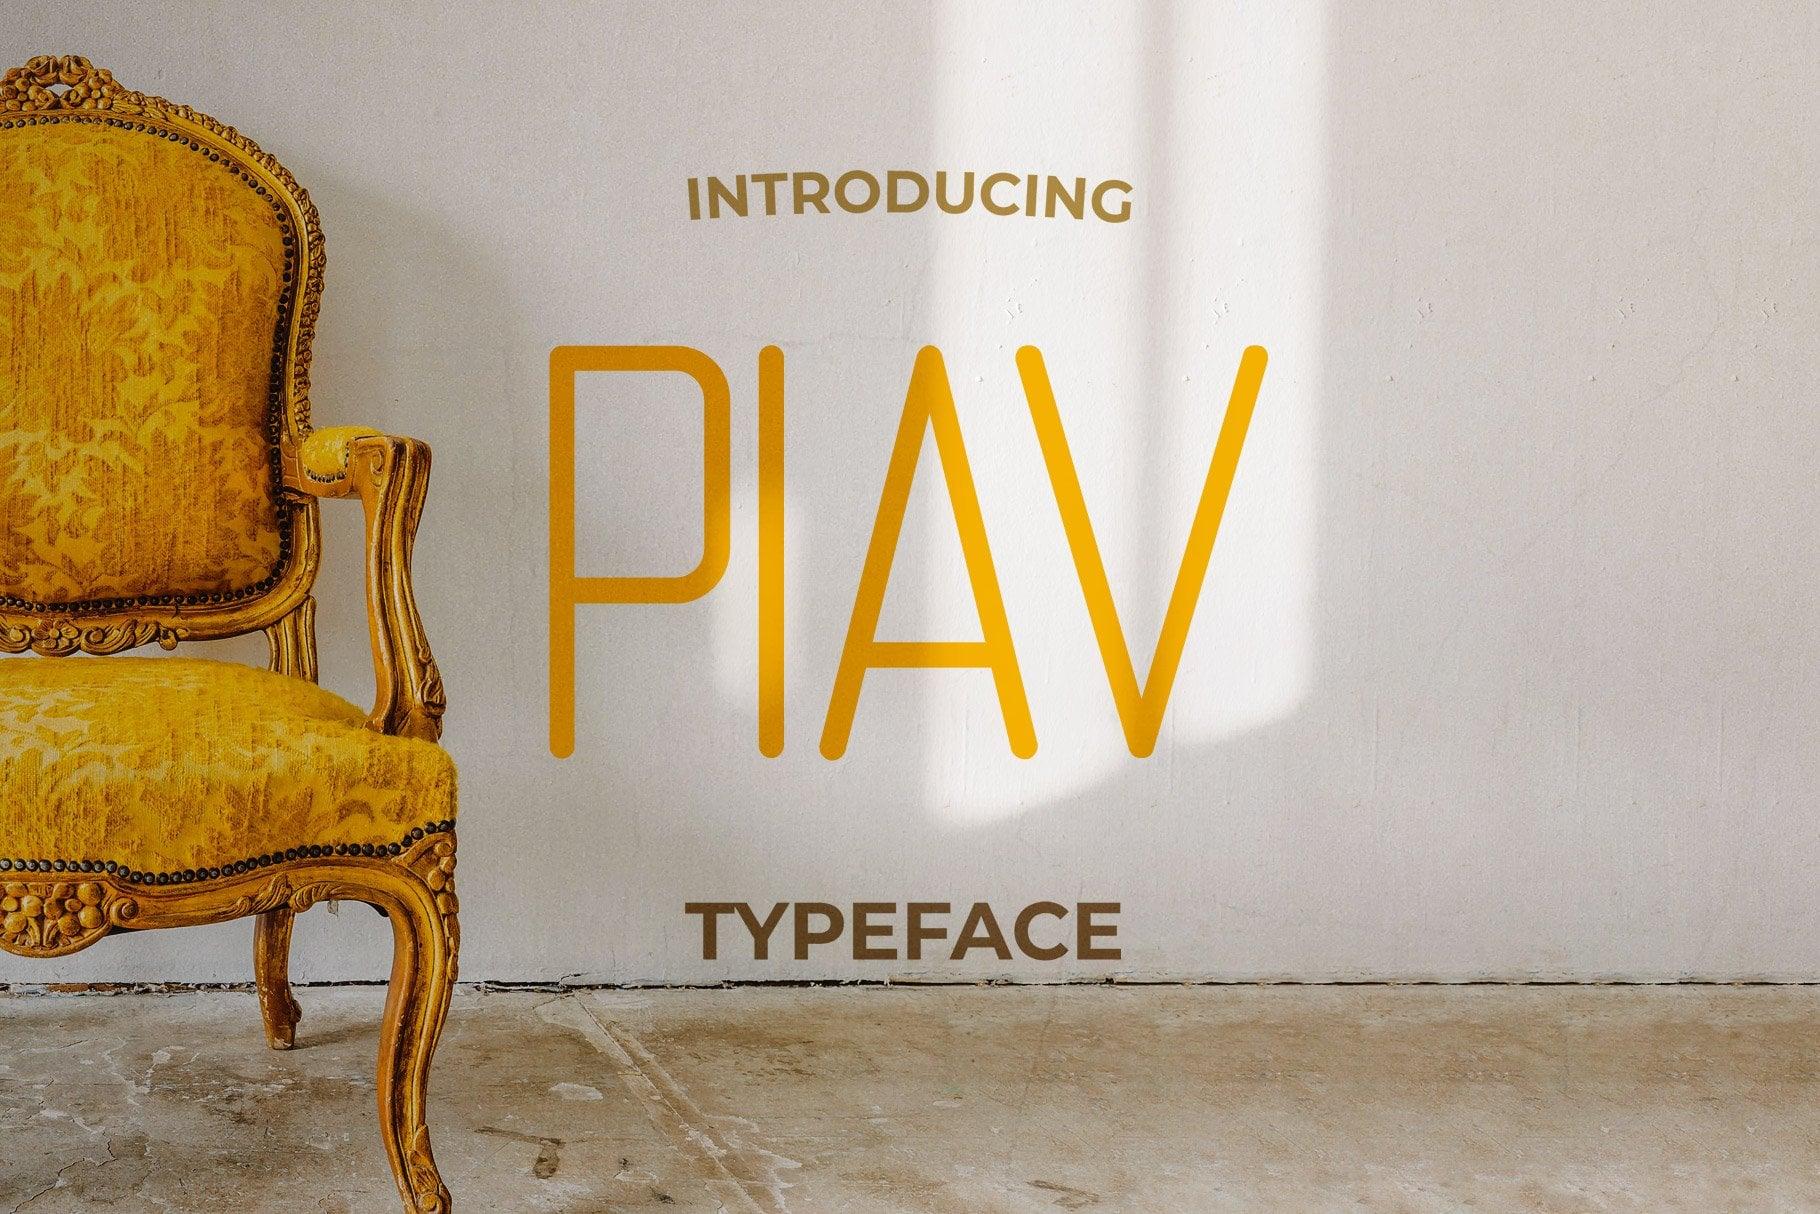 Piav Thin Typeface - Craft Graphic